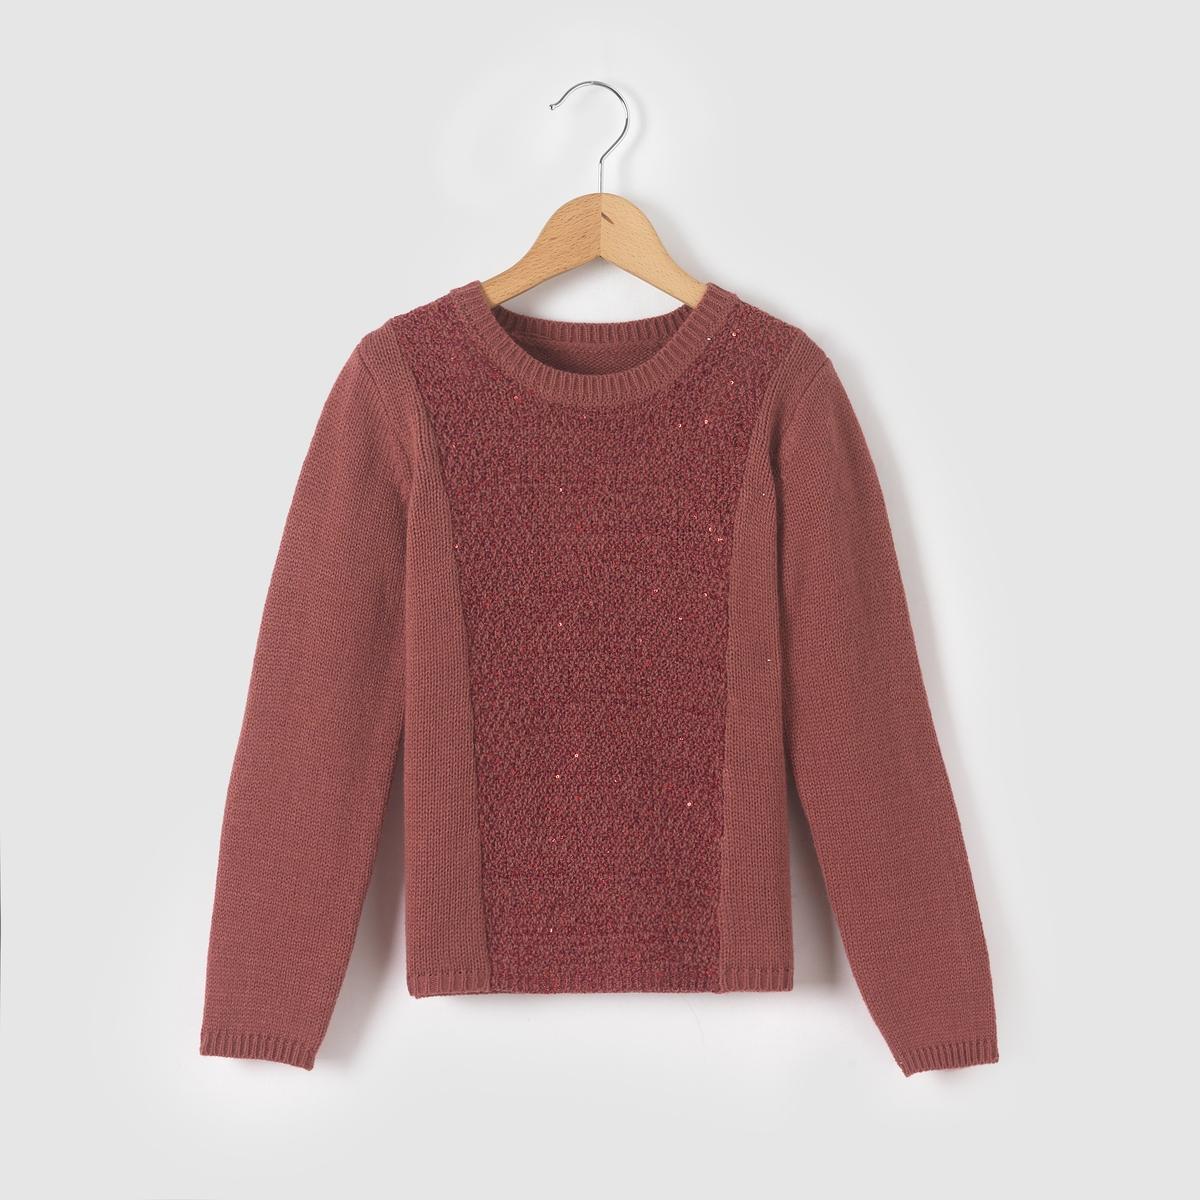 Пуловер теплый с блестками,  3-12 лет